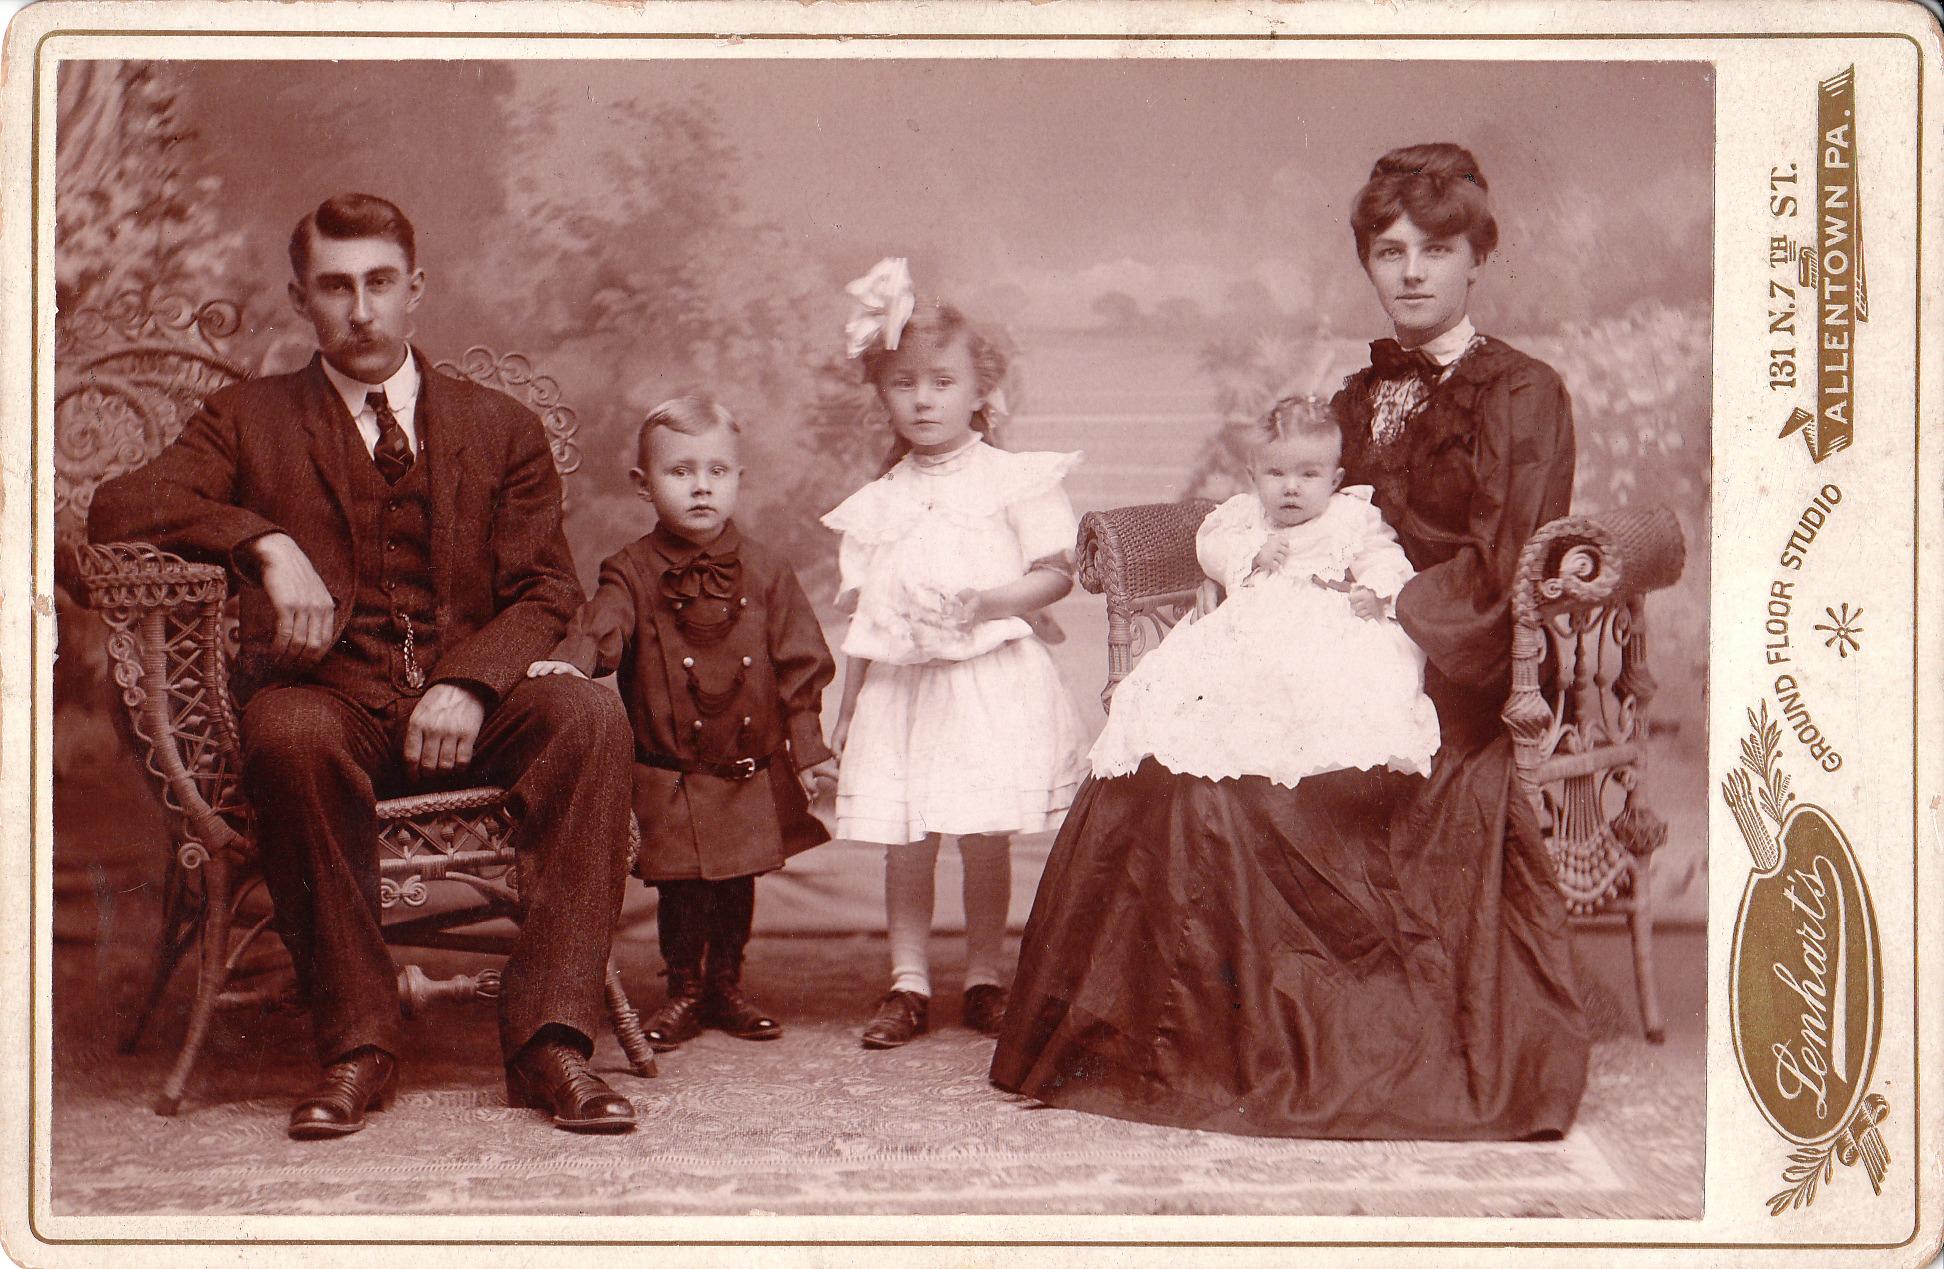 История семьи открытки, введение храм